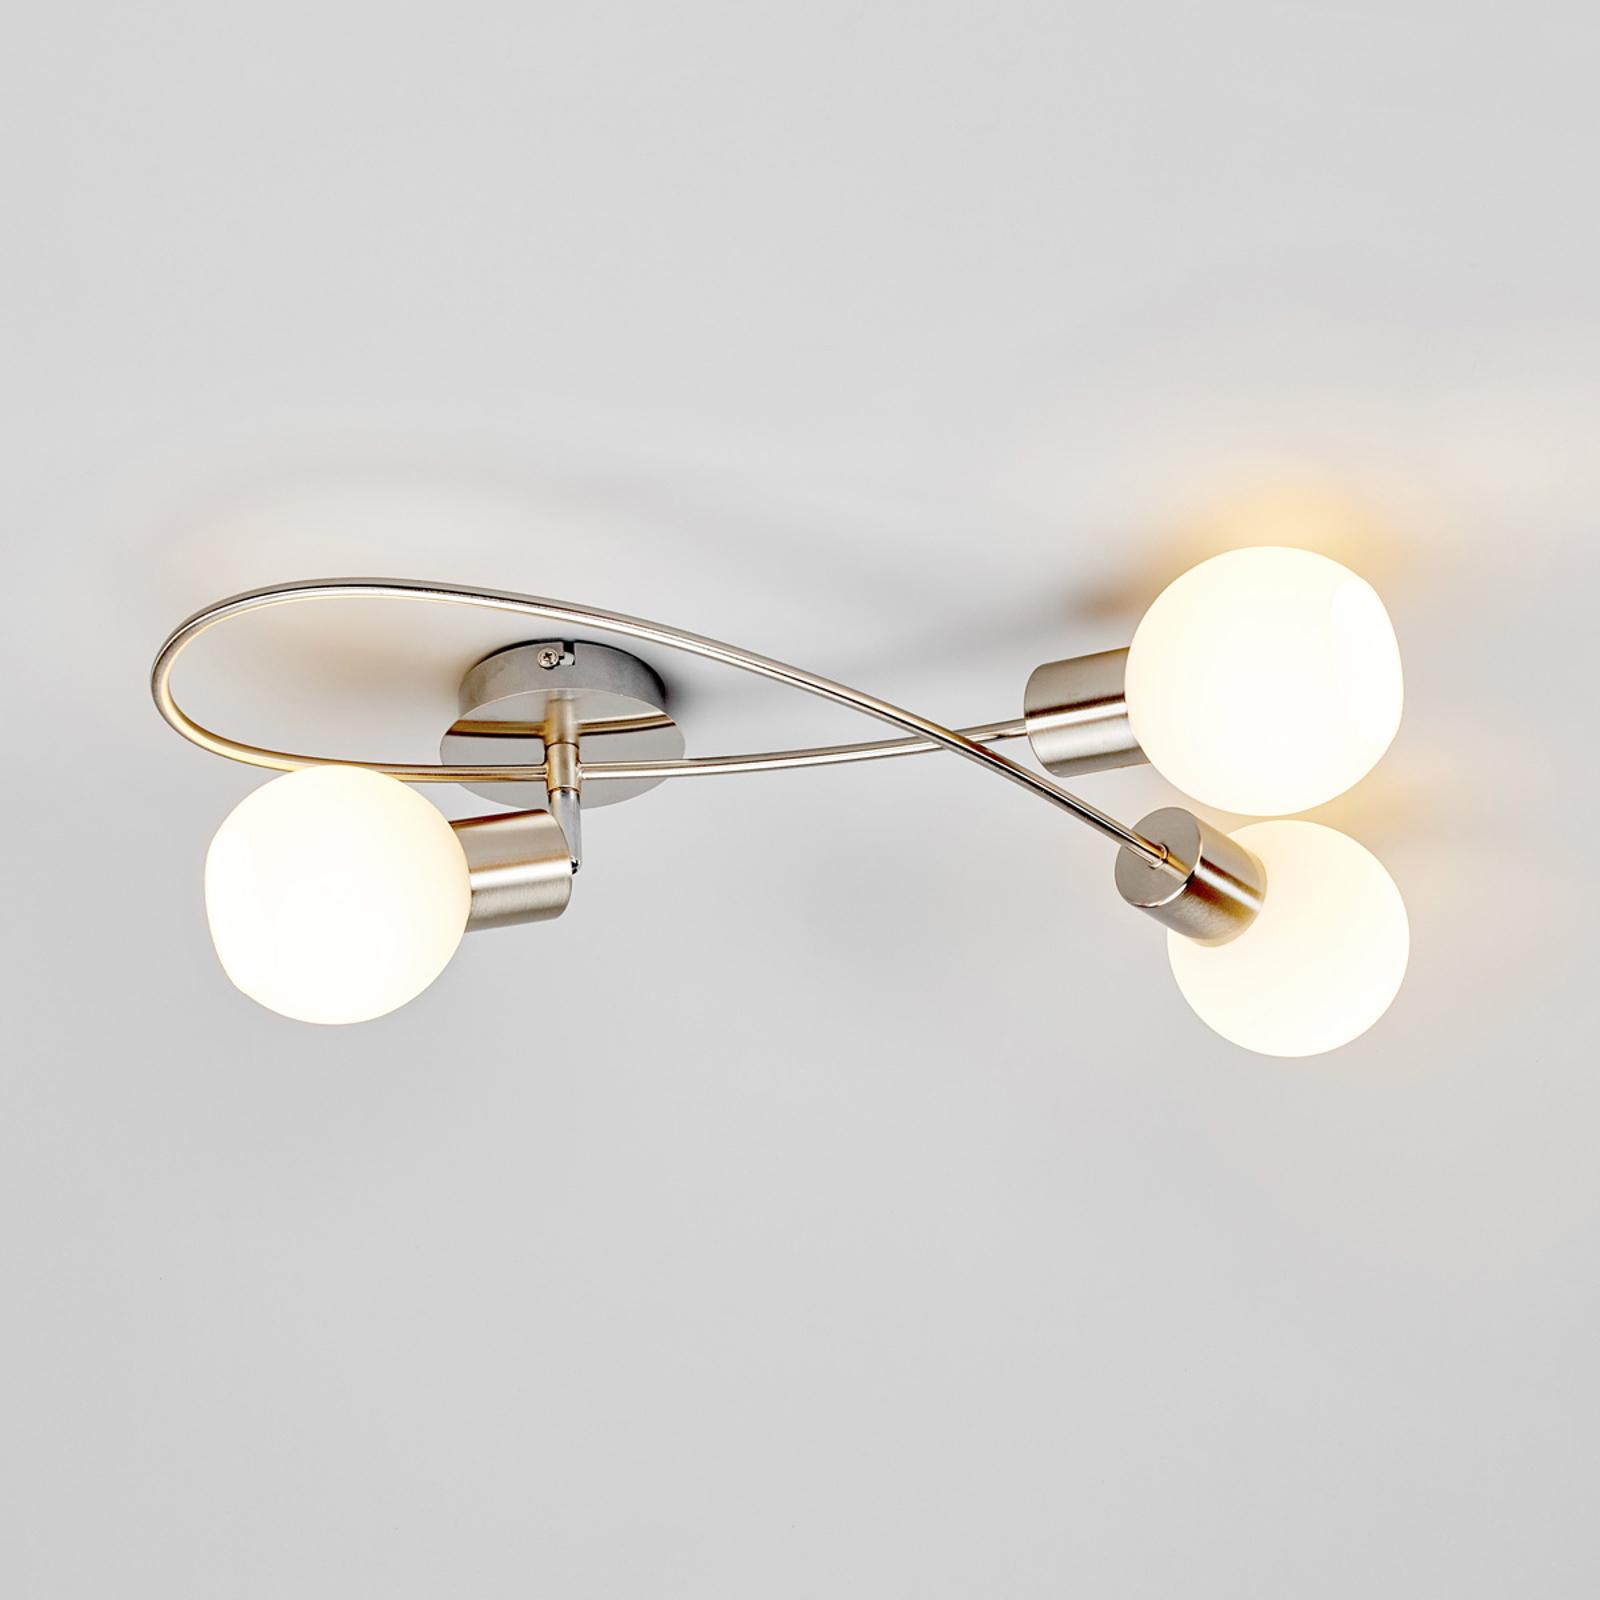 Elaine-elegant LED-loftslampe,3 lyskil.,nikkel mat